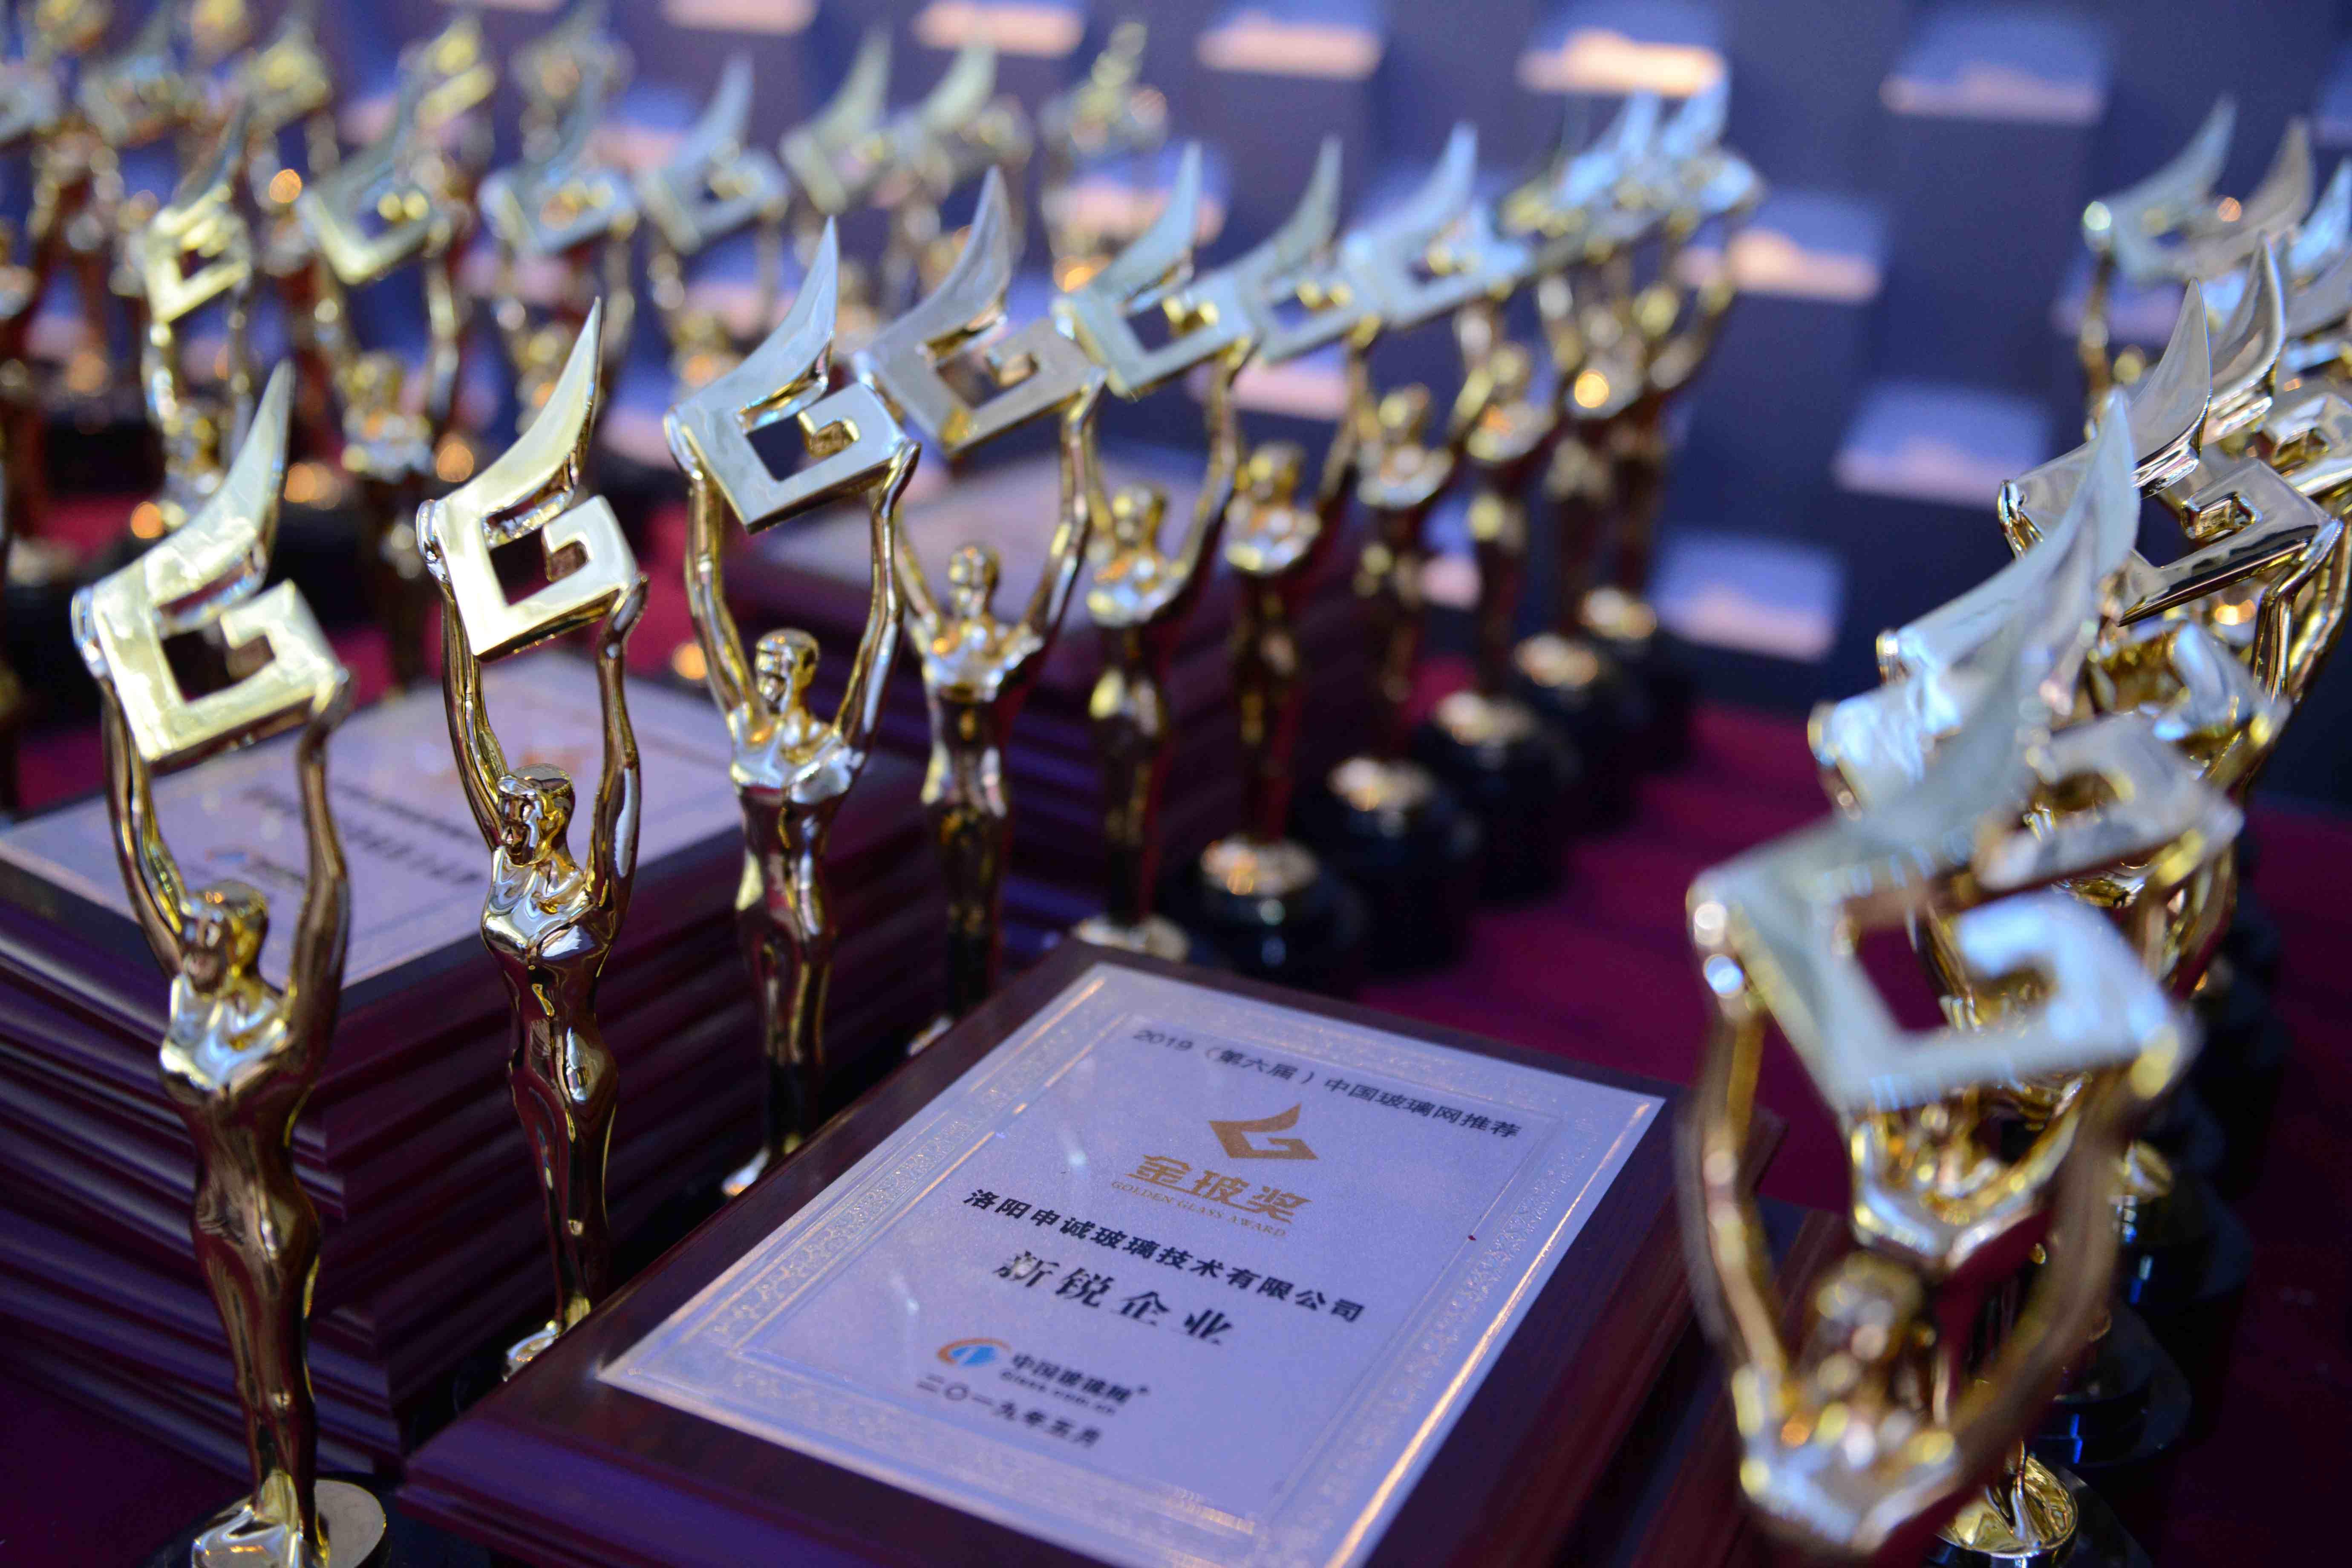 中国玻璃产业发展年会文图-中国玻璃产业发展年会文图-ADP_2202_副本